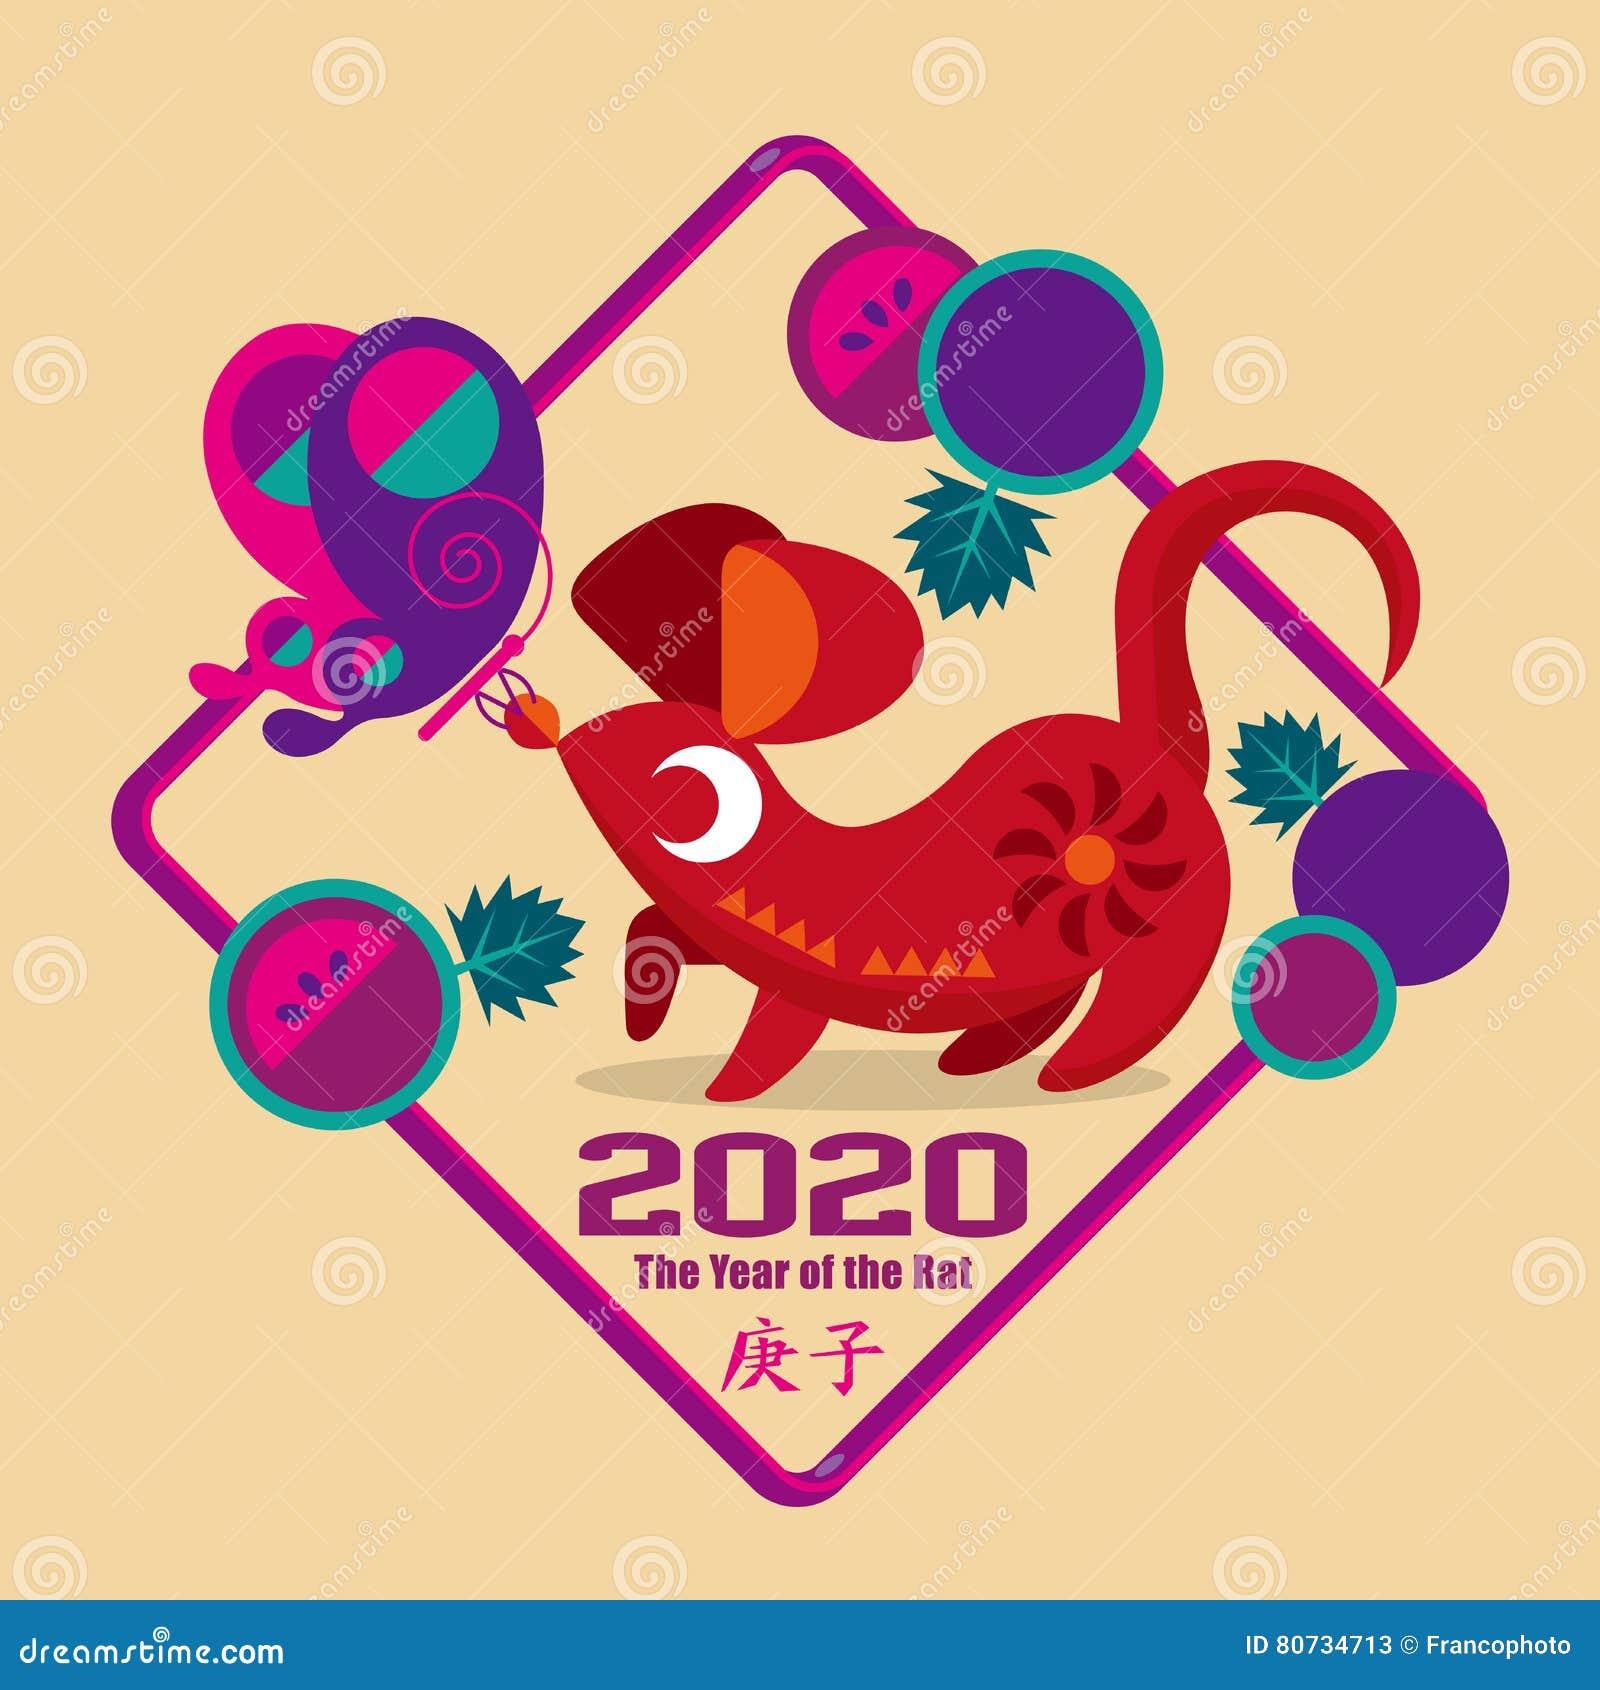 Chinesisches Jahr Der Ratte 2020 Vektor Abbildung - Illustration von ...